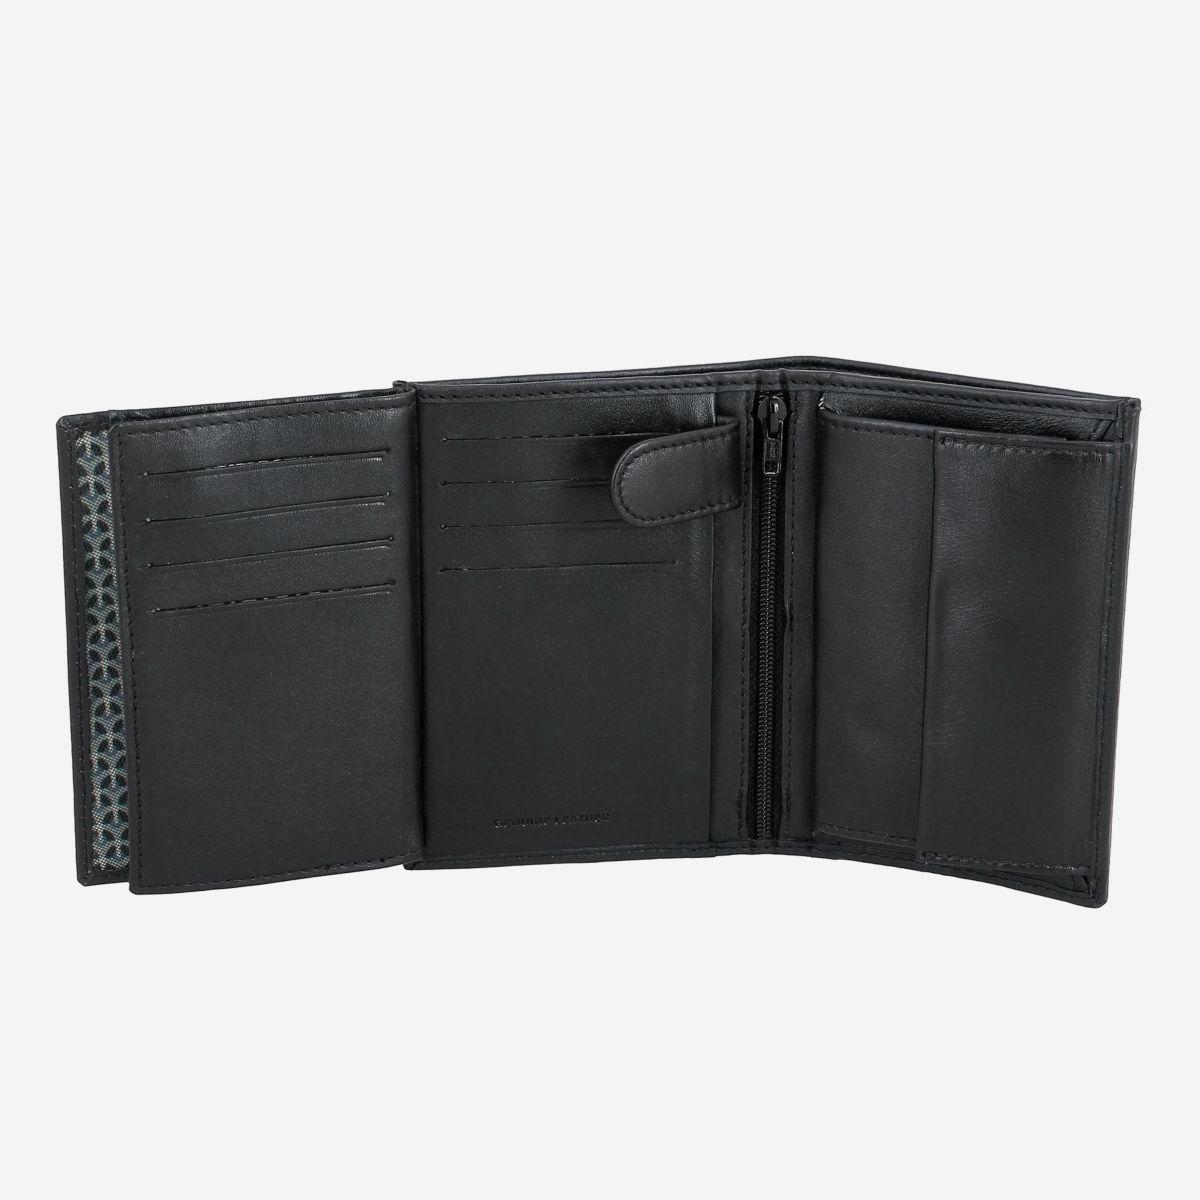 NUVOLA PELLE ארנק עור ורטיקאלי עם תא למטבעות - שחור